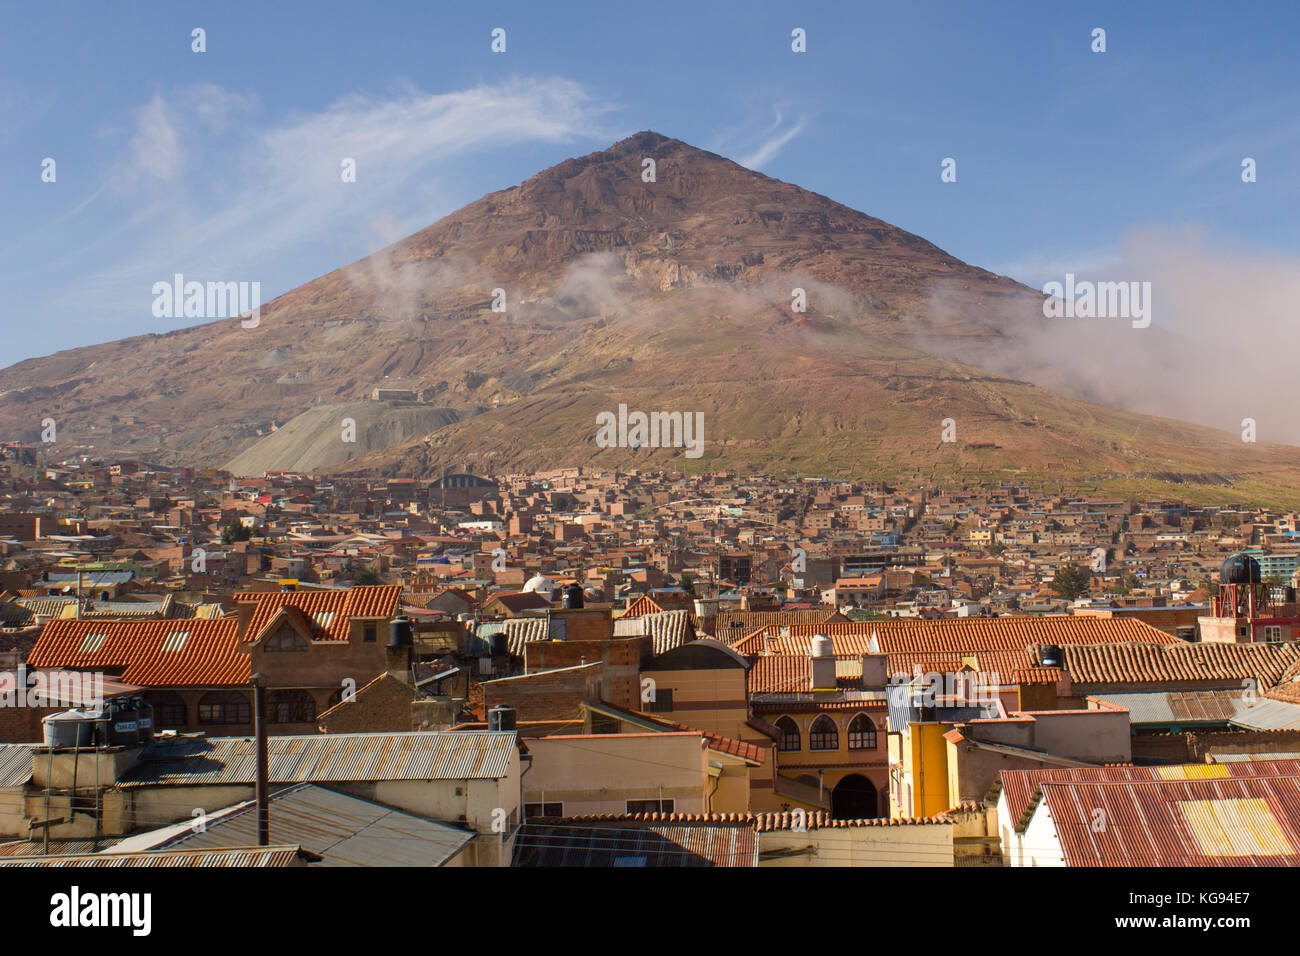 Rooftop View to Cerro de Potosi or Cerro Rico, Potosi, Bolivia - Stock Image